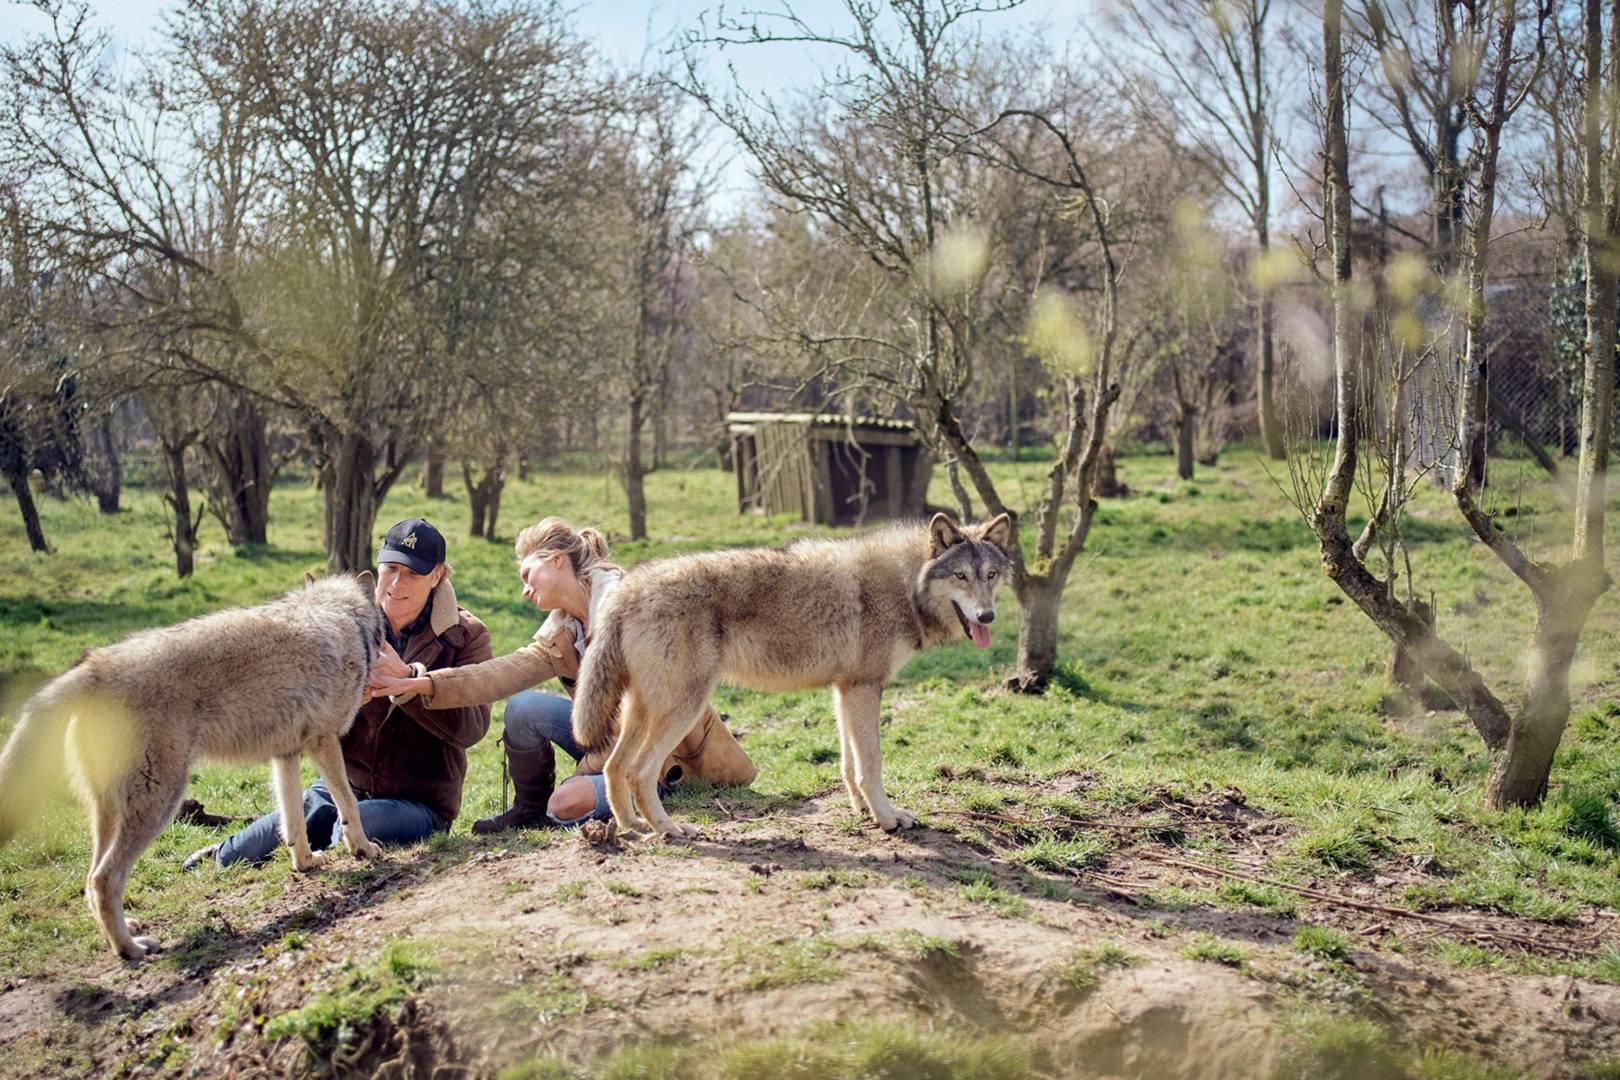 How saints with wild animals were friends